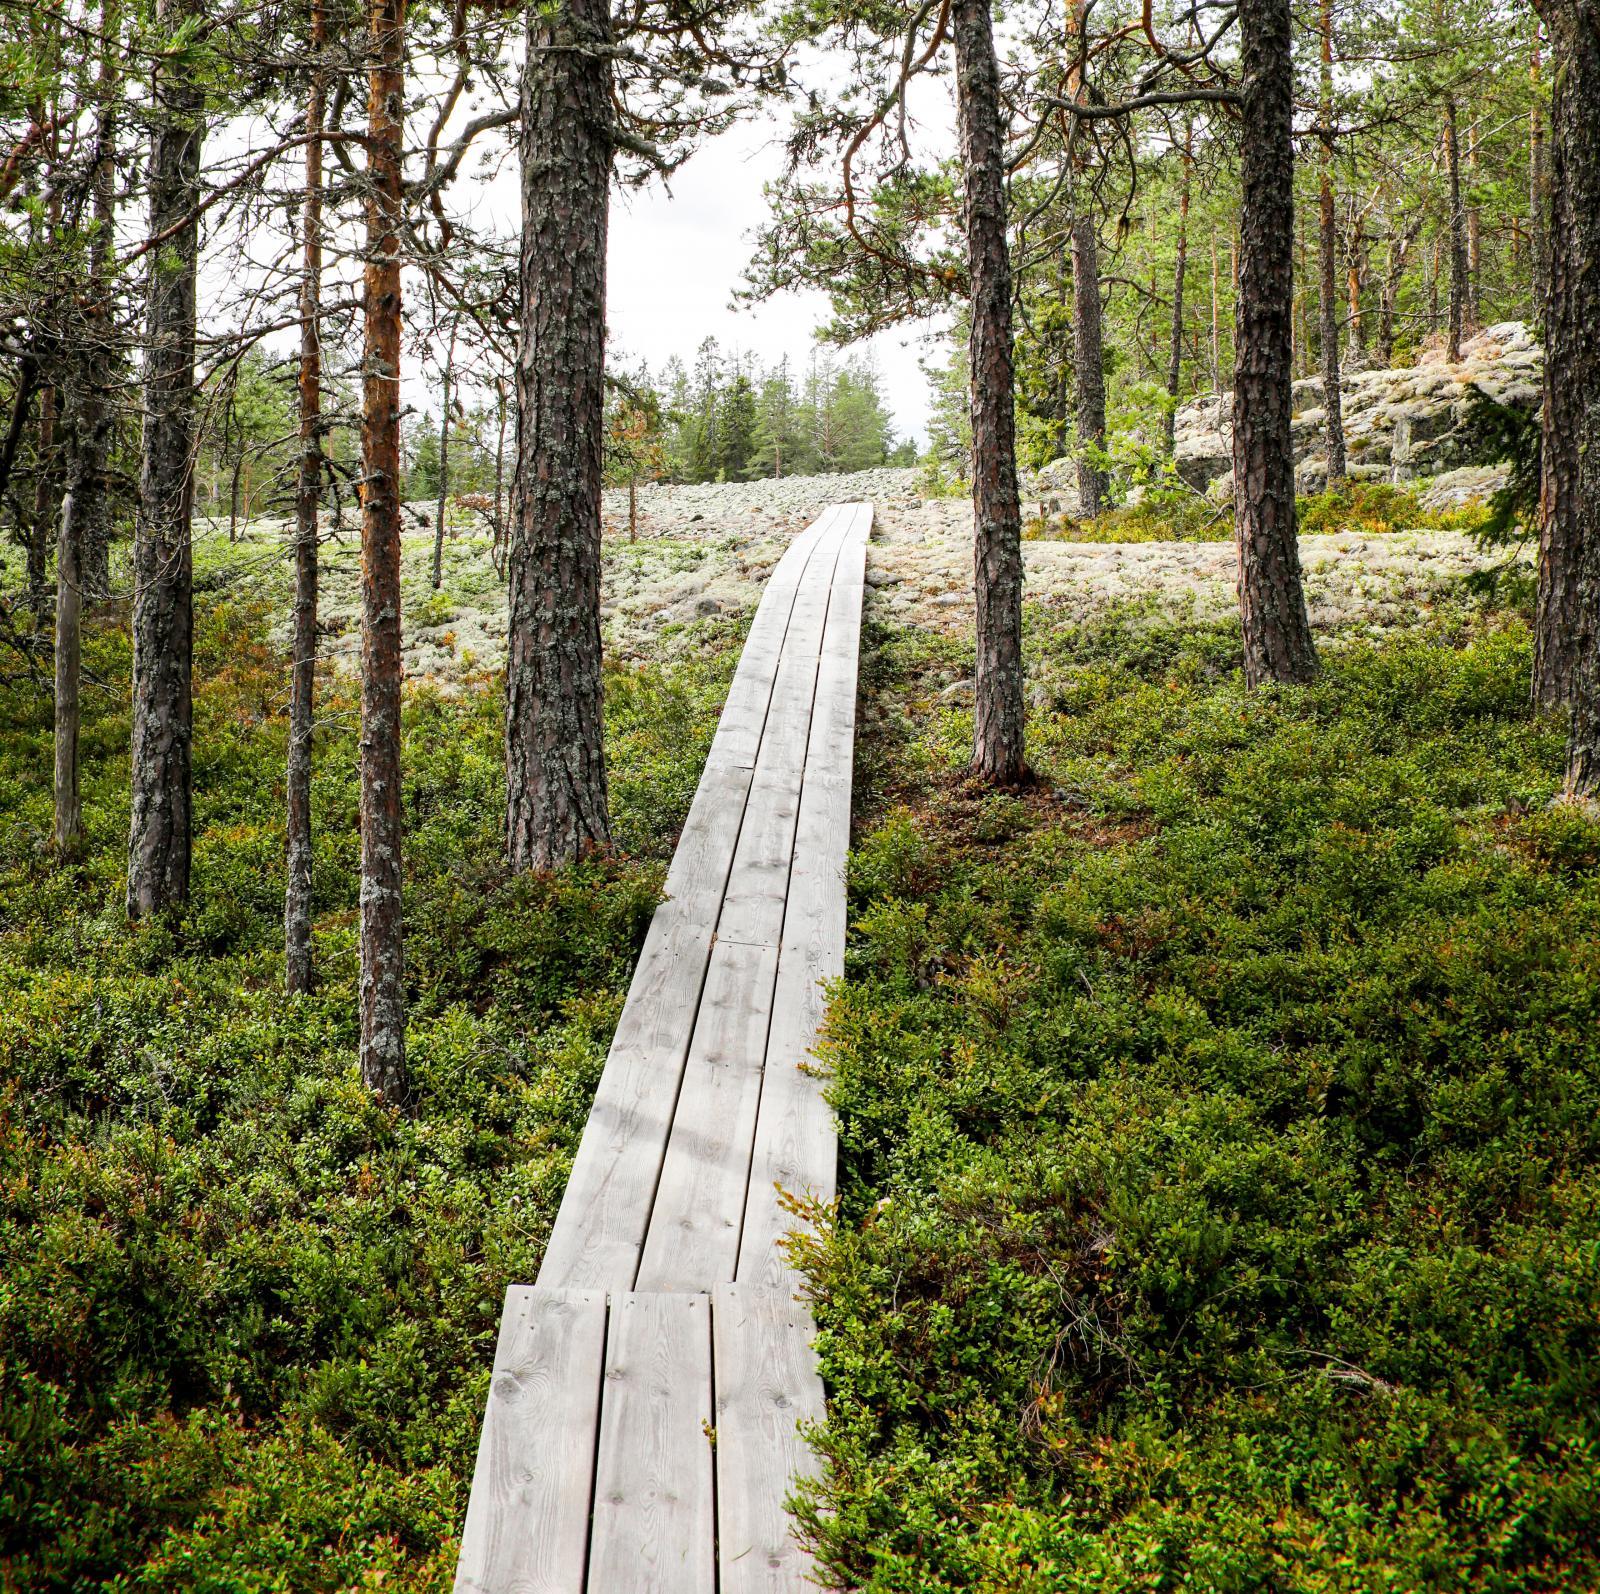 Fina promenadstråk på spänger genom skogen.